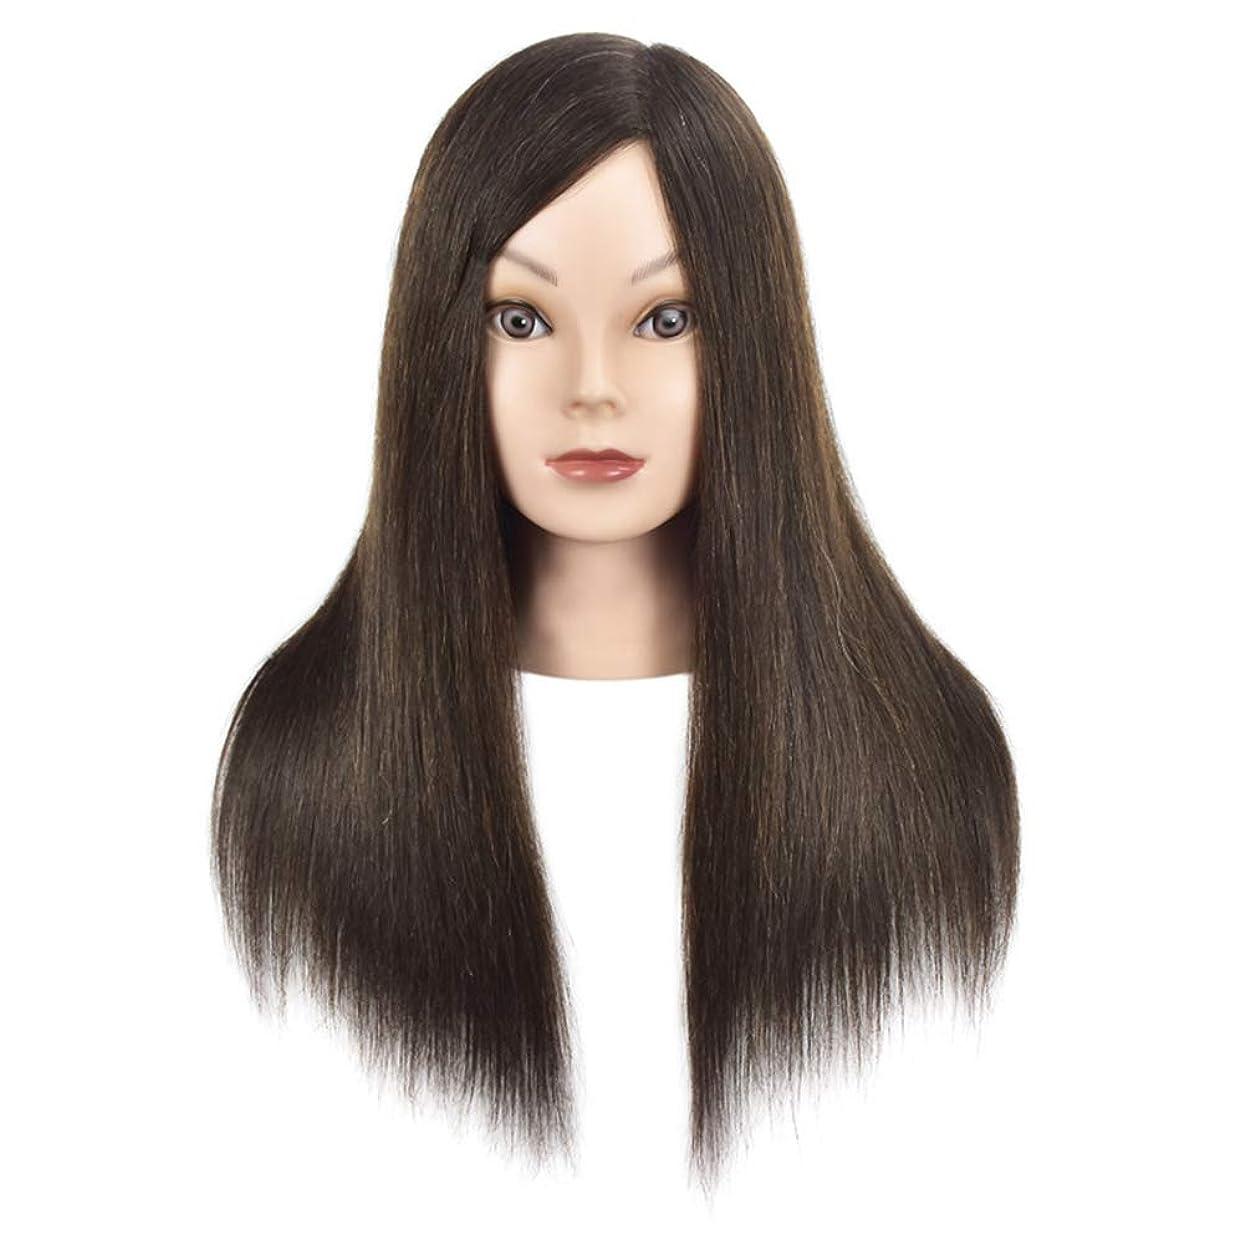 ファンブルの面では避難する理髪店トリミングヘアエクササイズヘッドモールドメイクモデリング学習マネキンダミーヘッドブラック